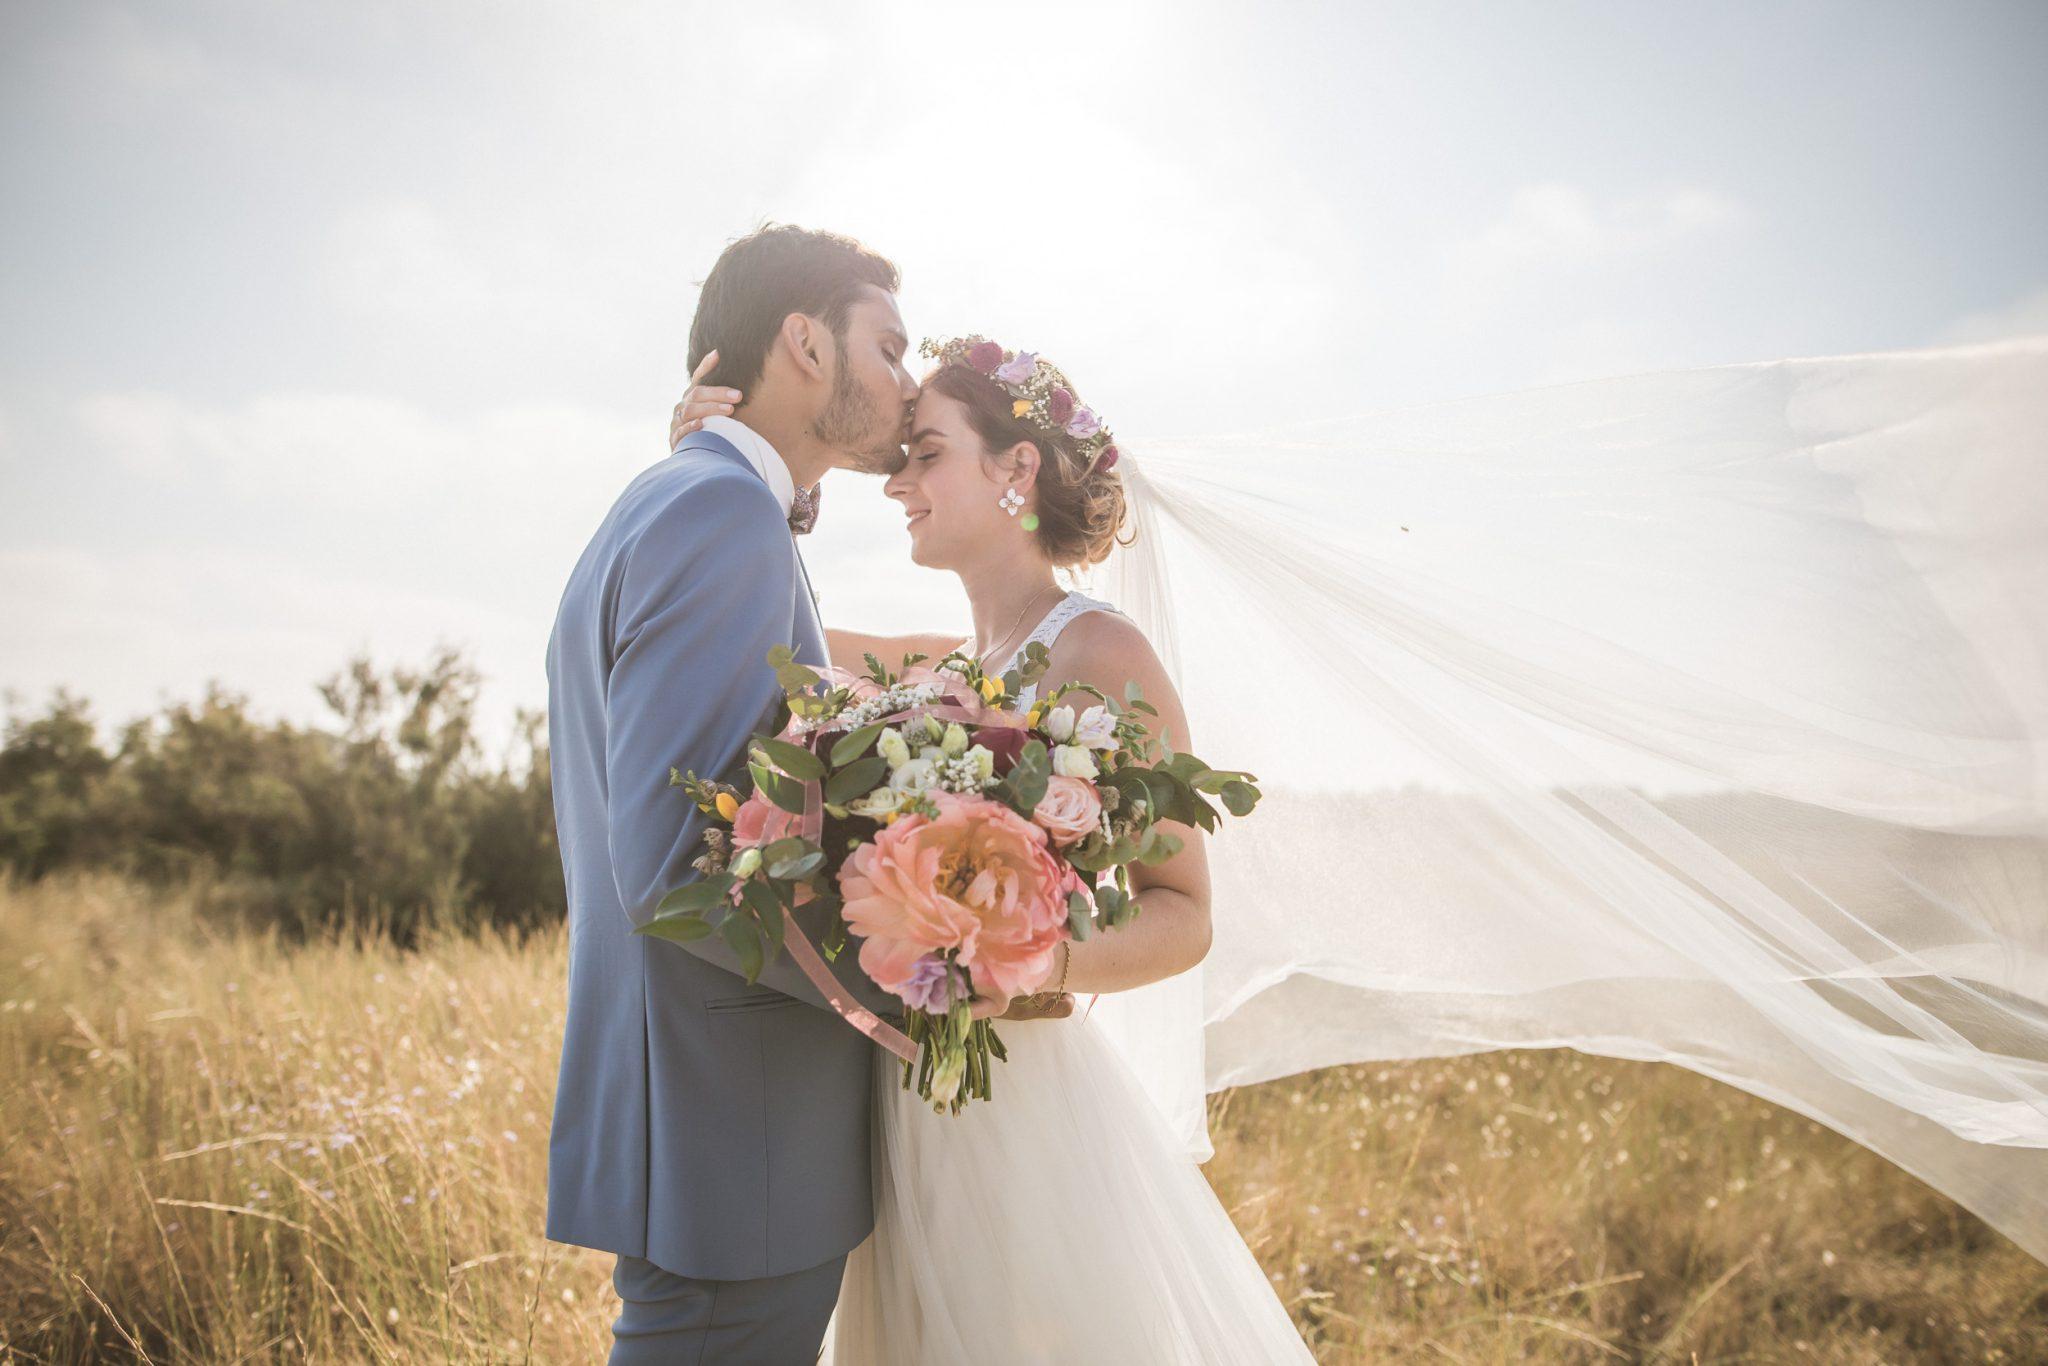 photographe-mariage-carcassonne-couple-42